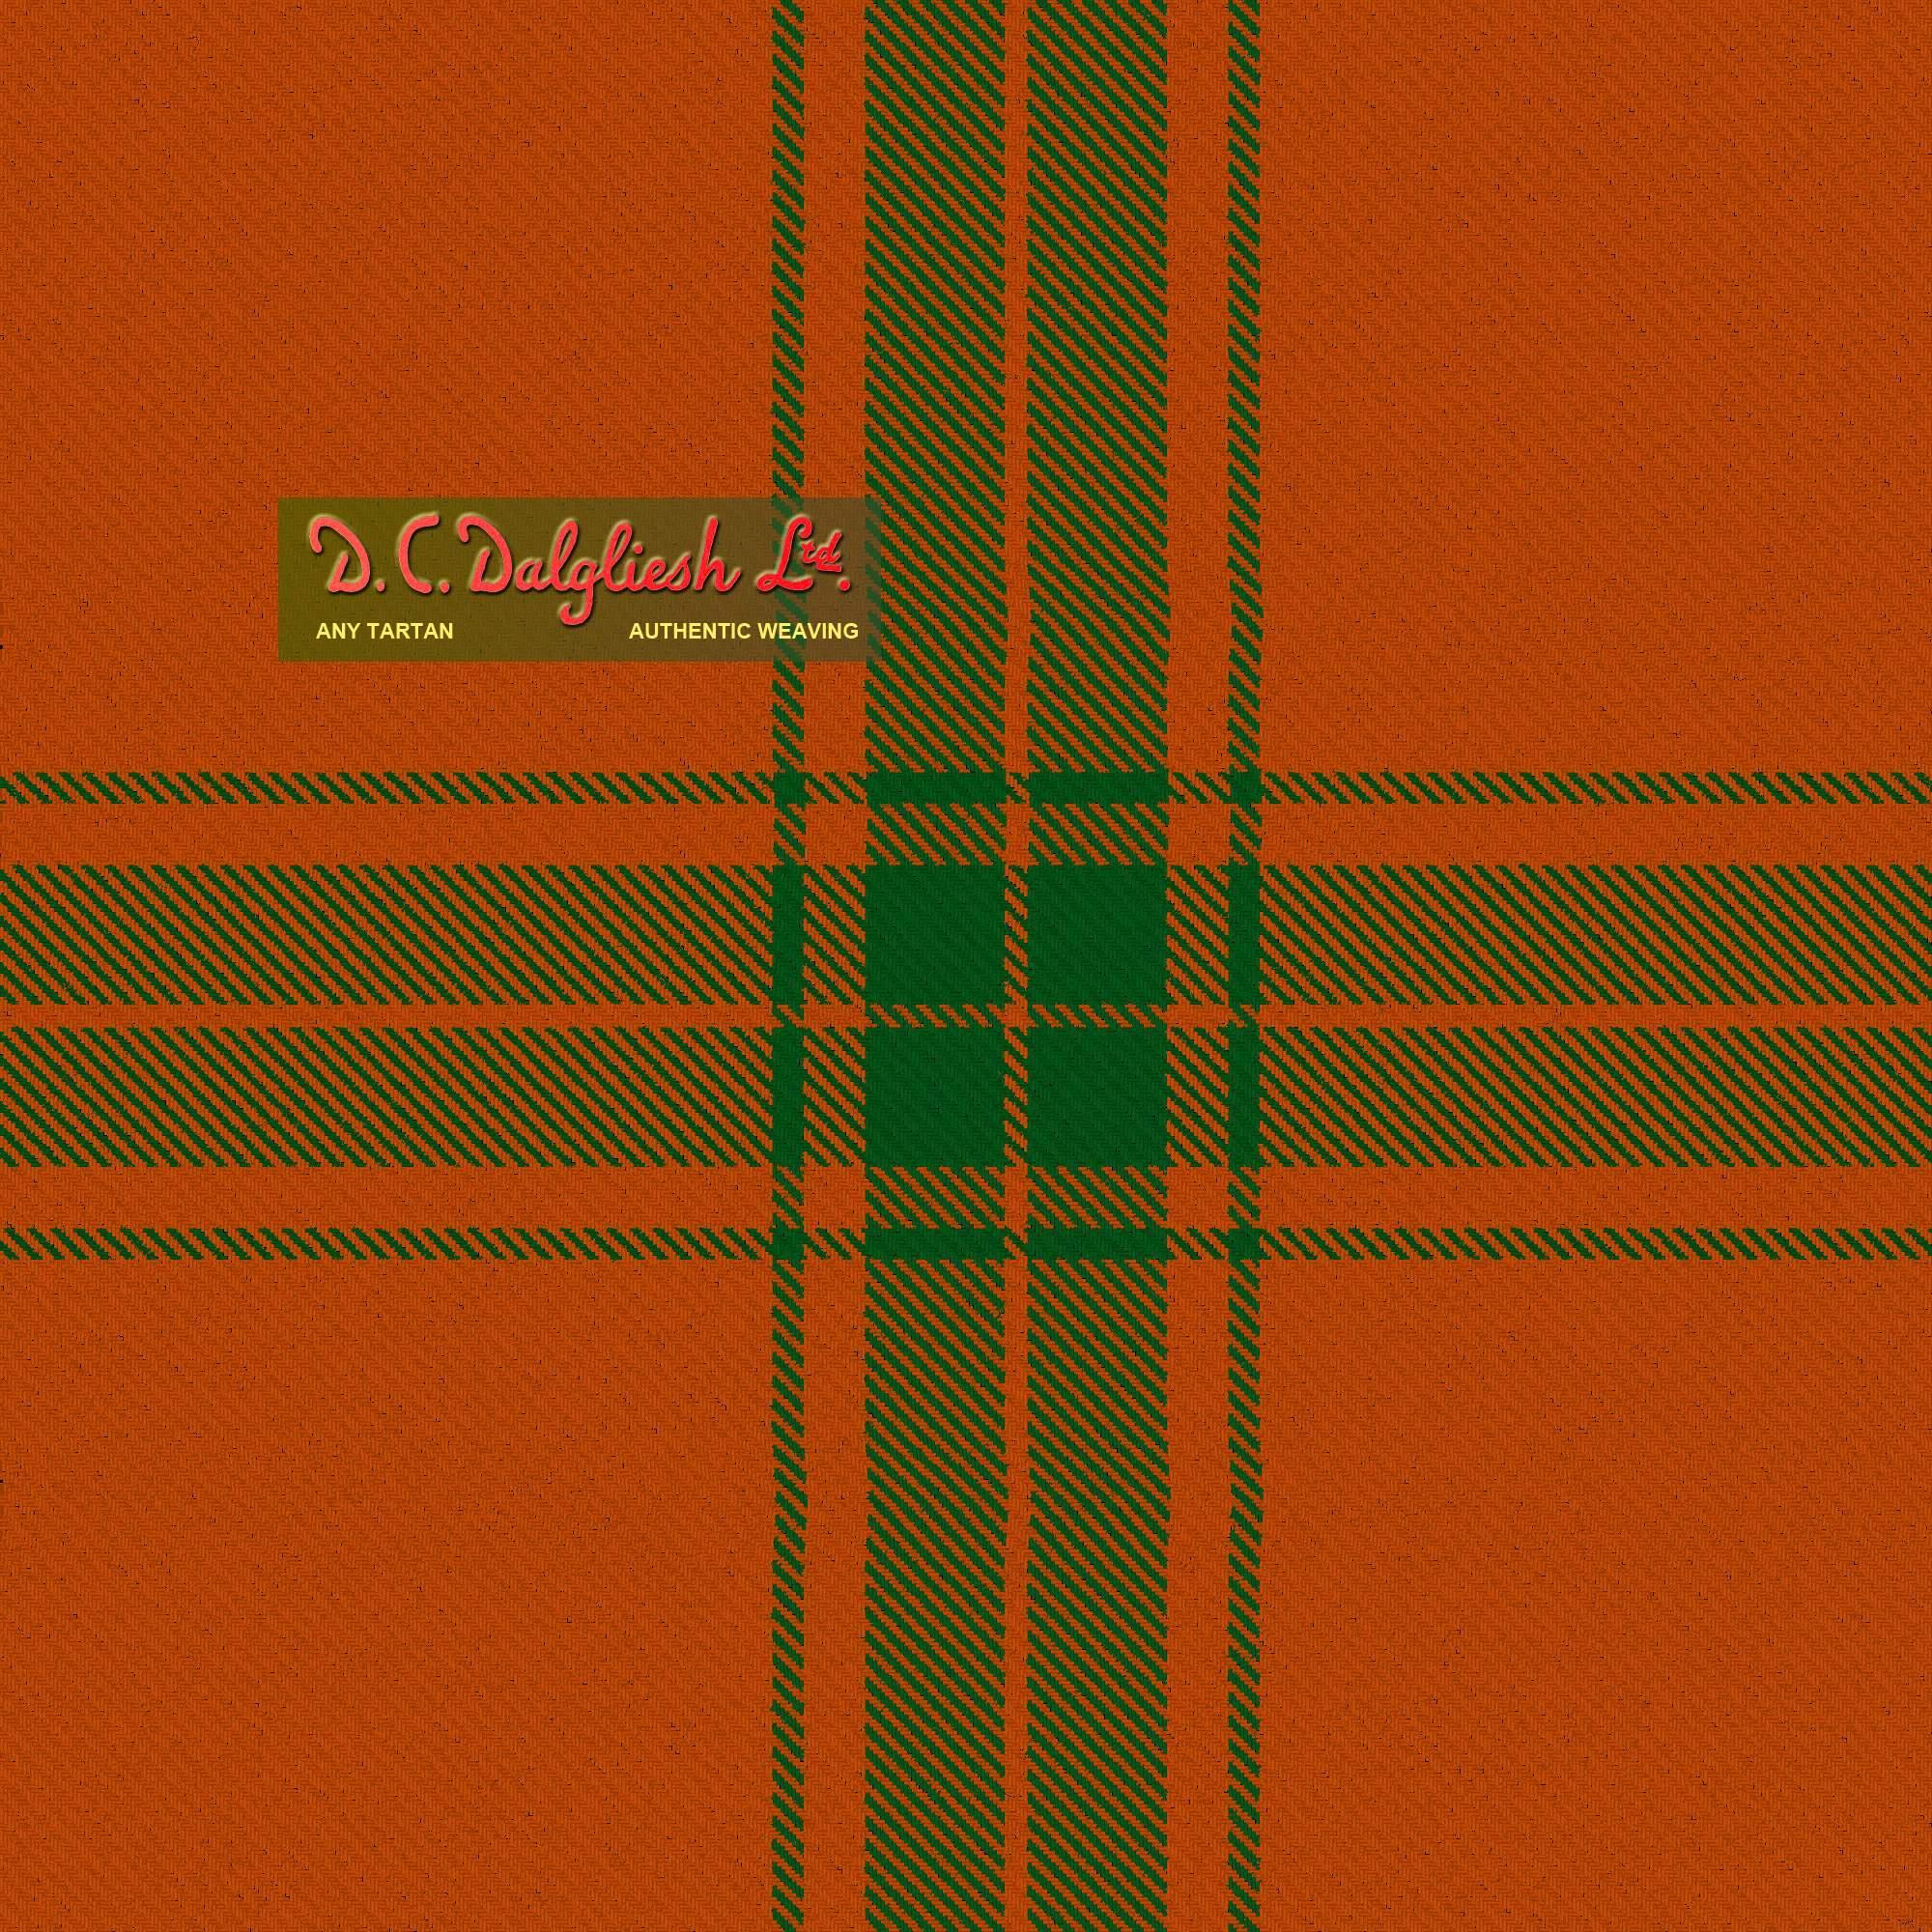 Kadewe Of Germany Fabric By Dc Dalgliesh Hand Crafted